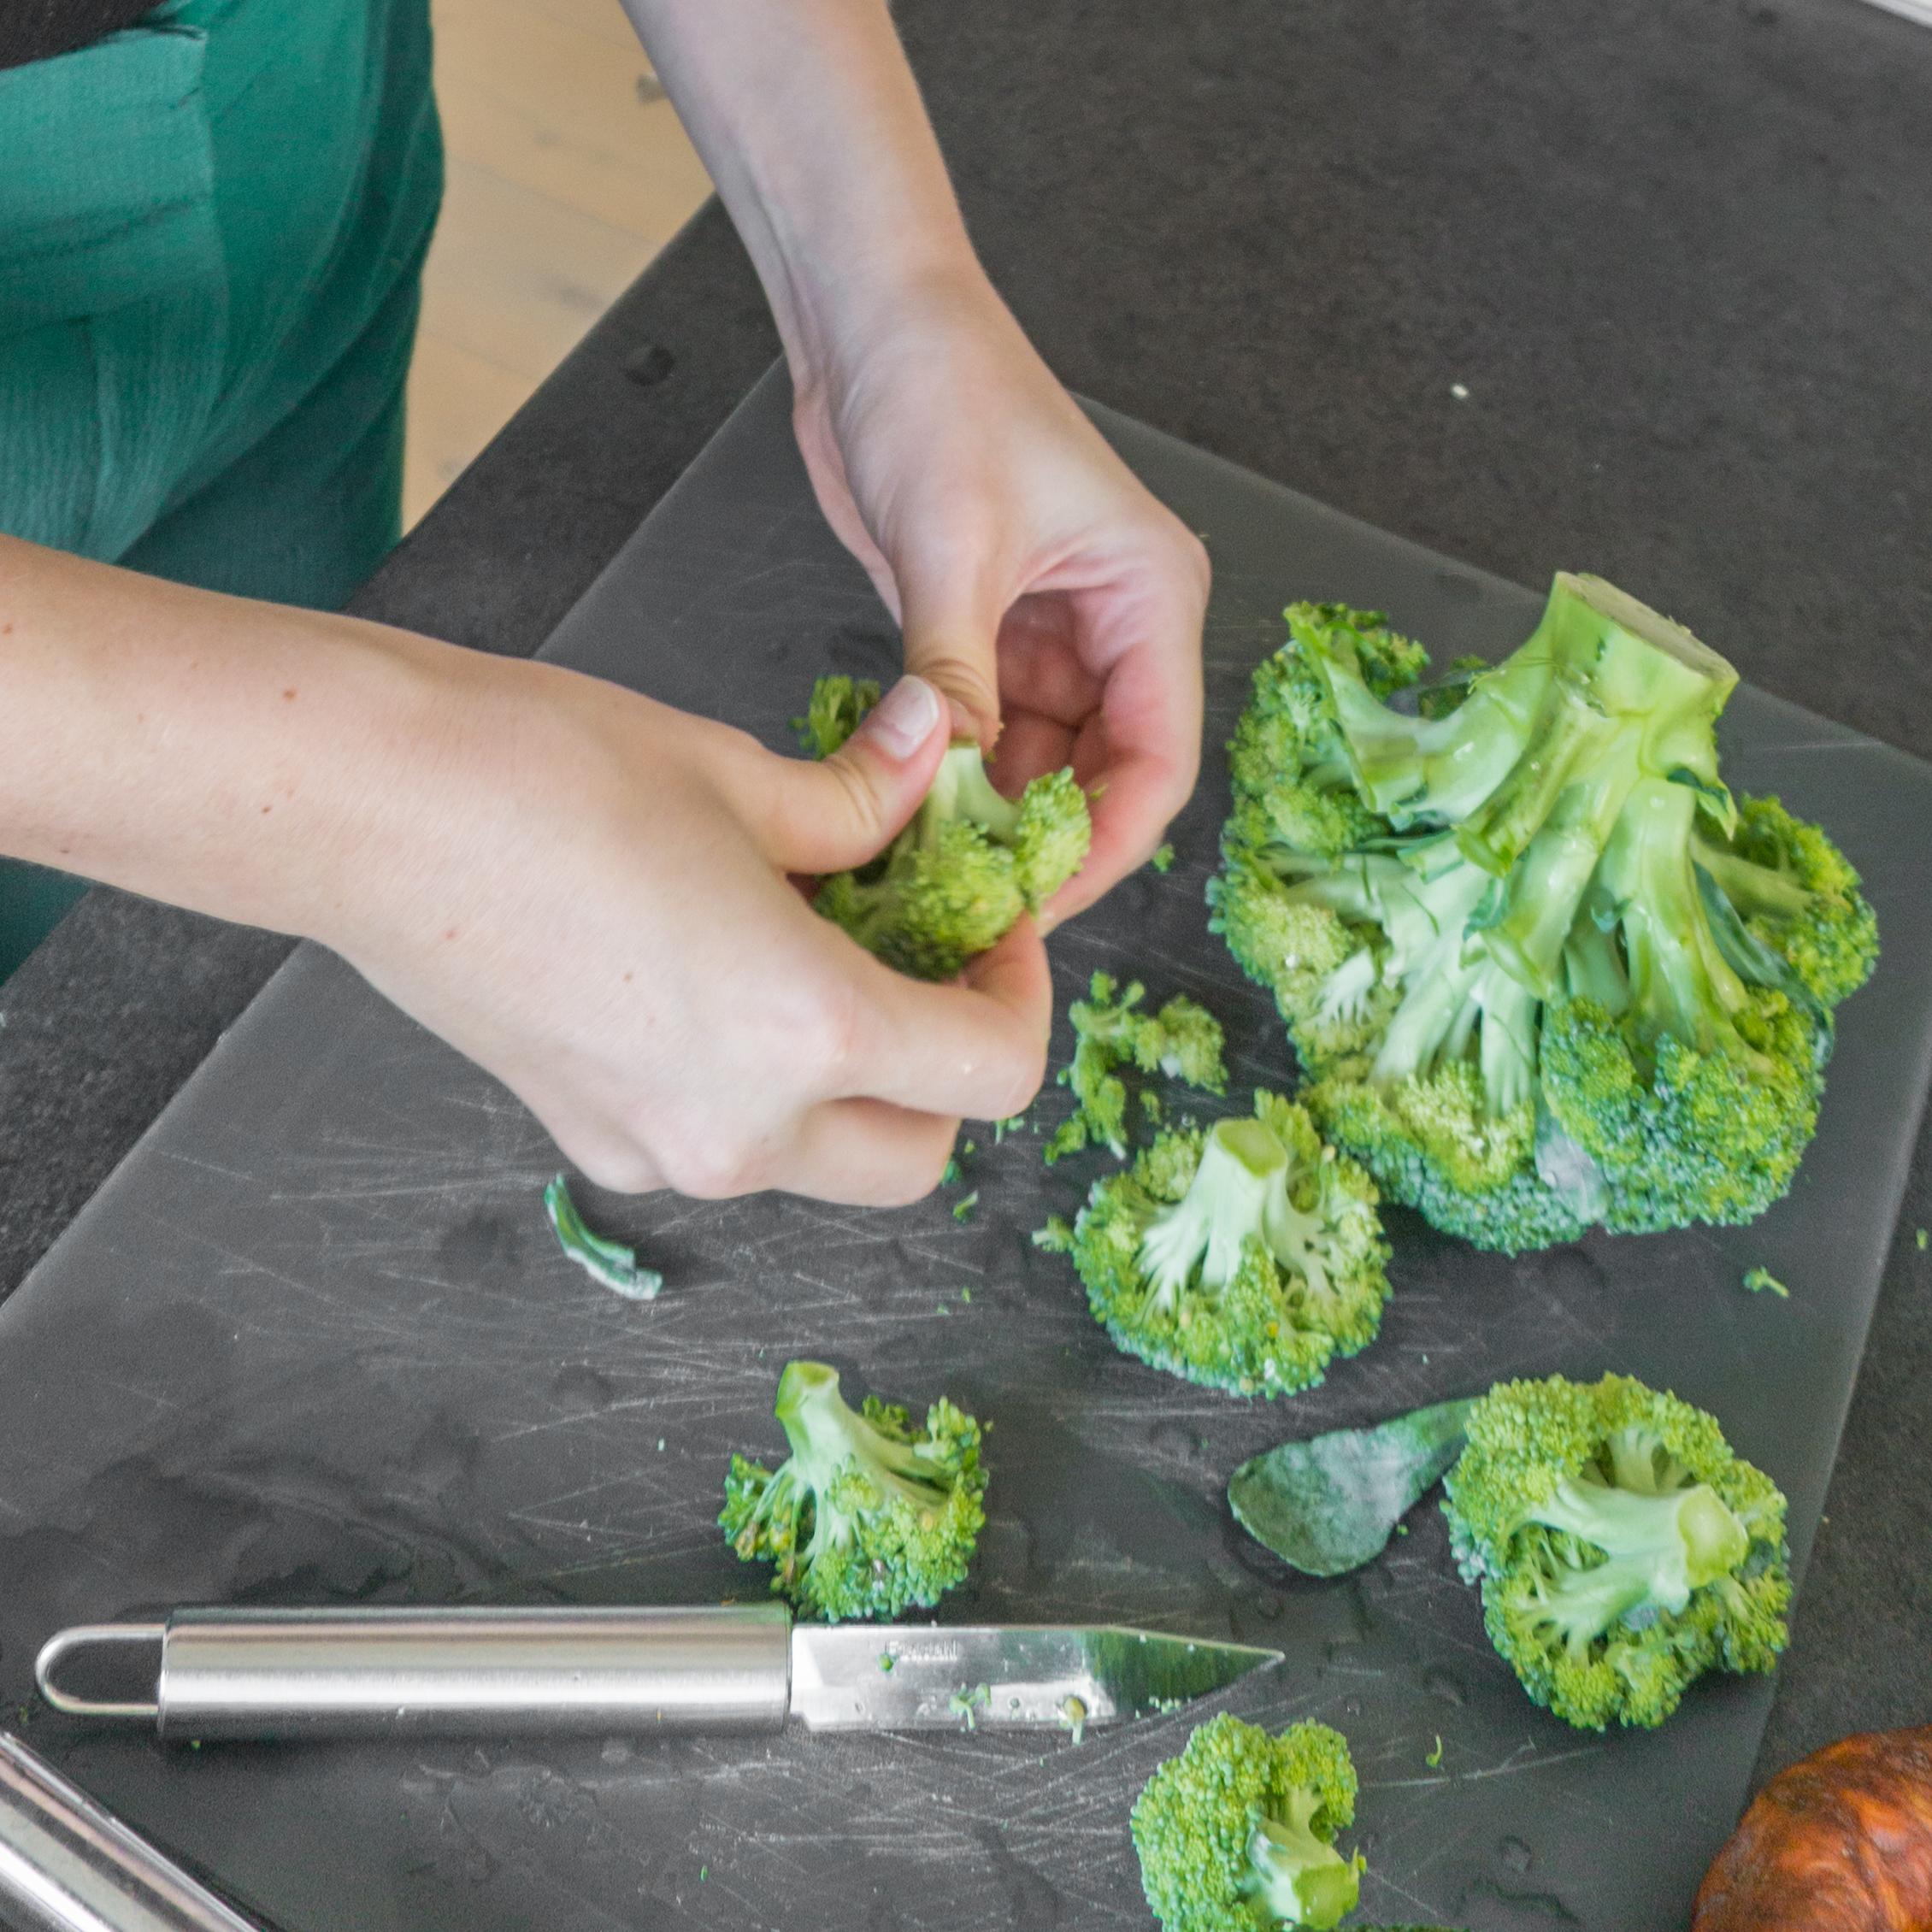 Broccoli wordt in stukjes gesneden.